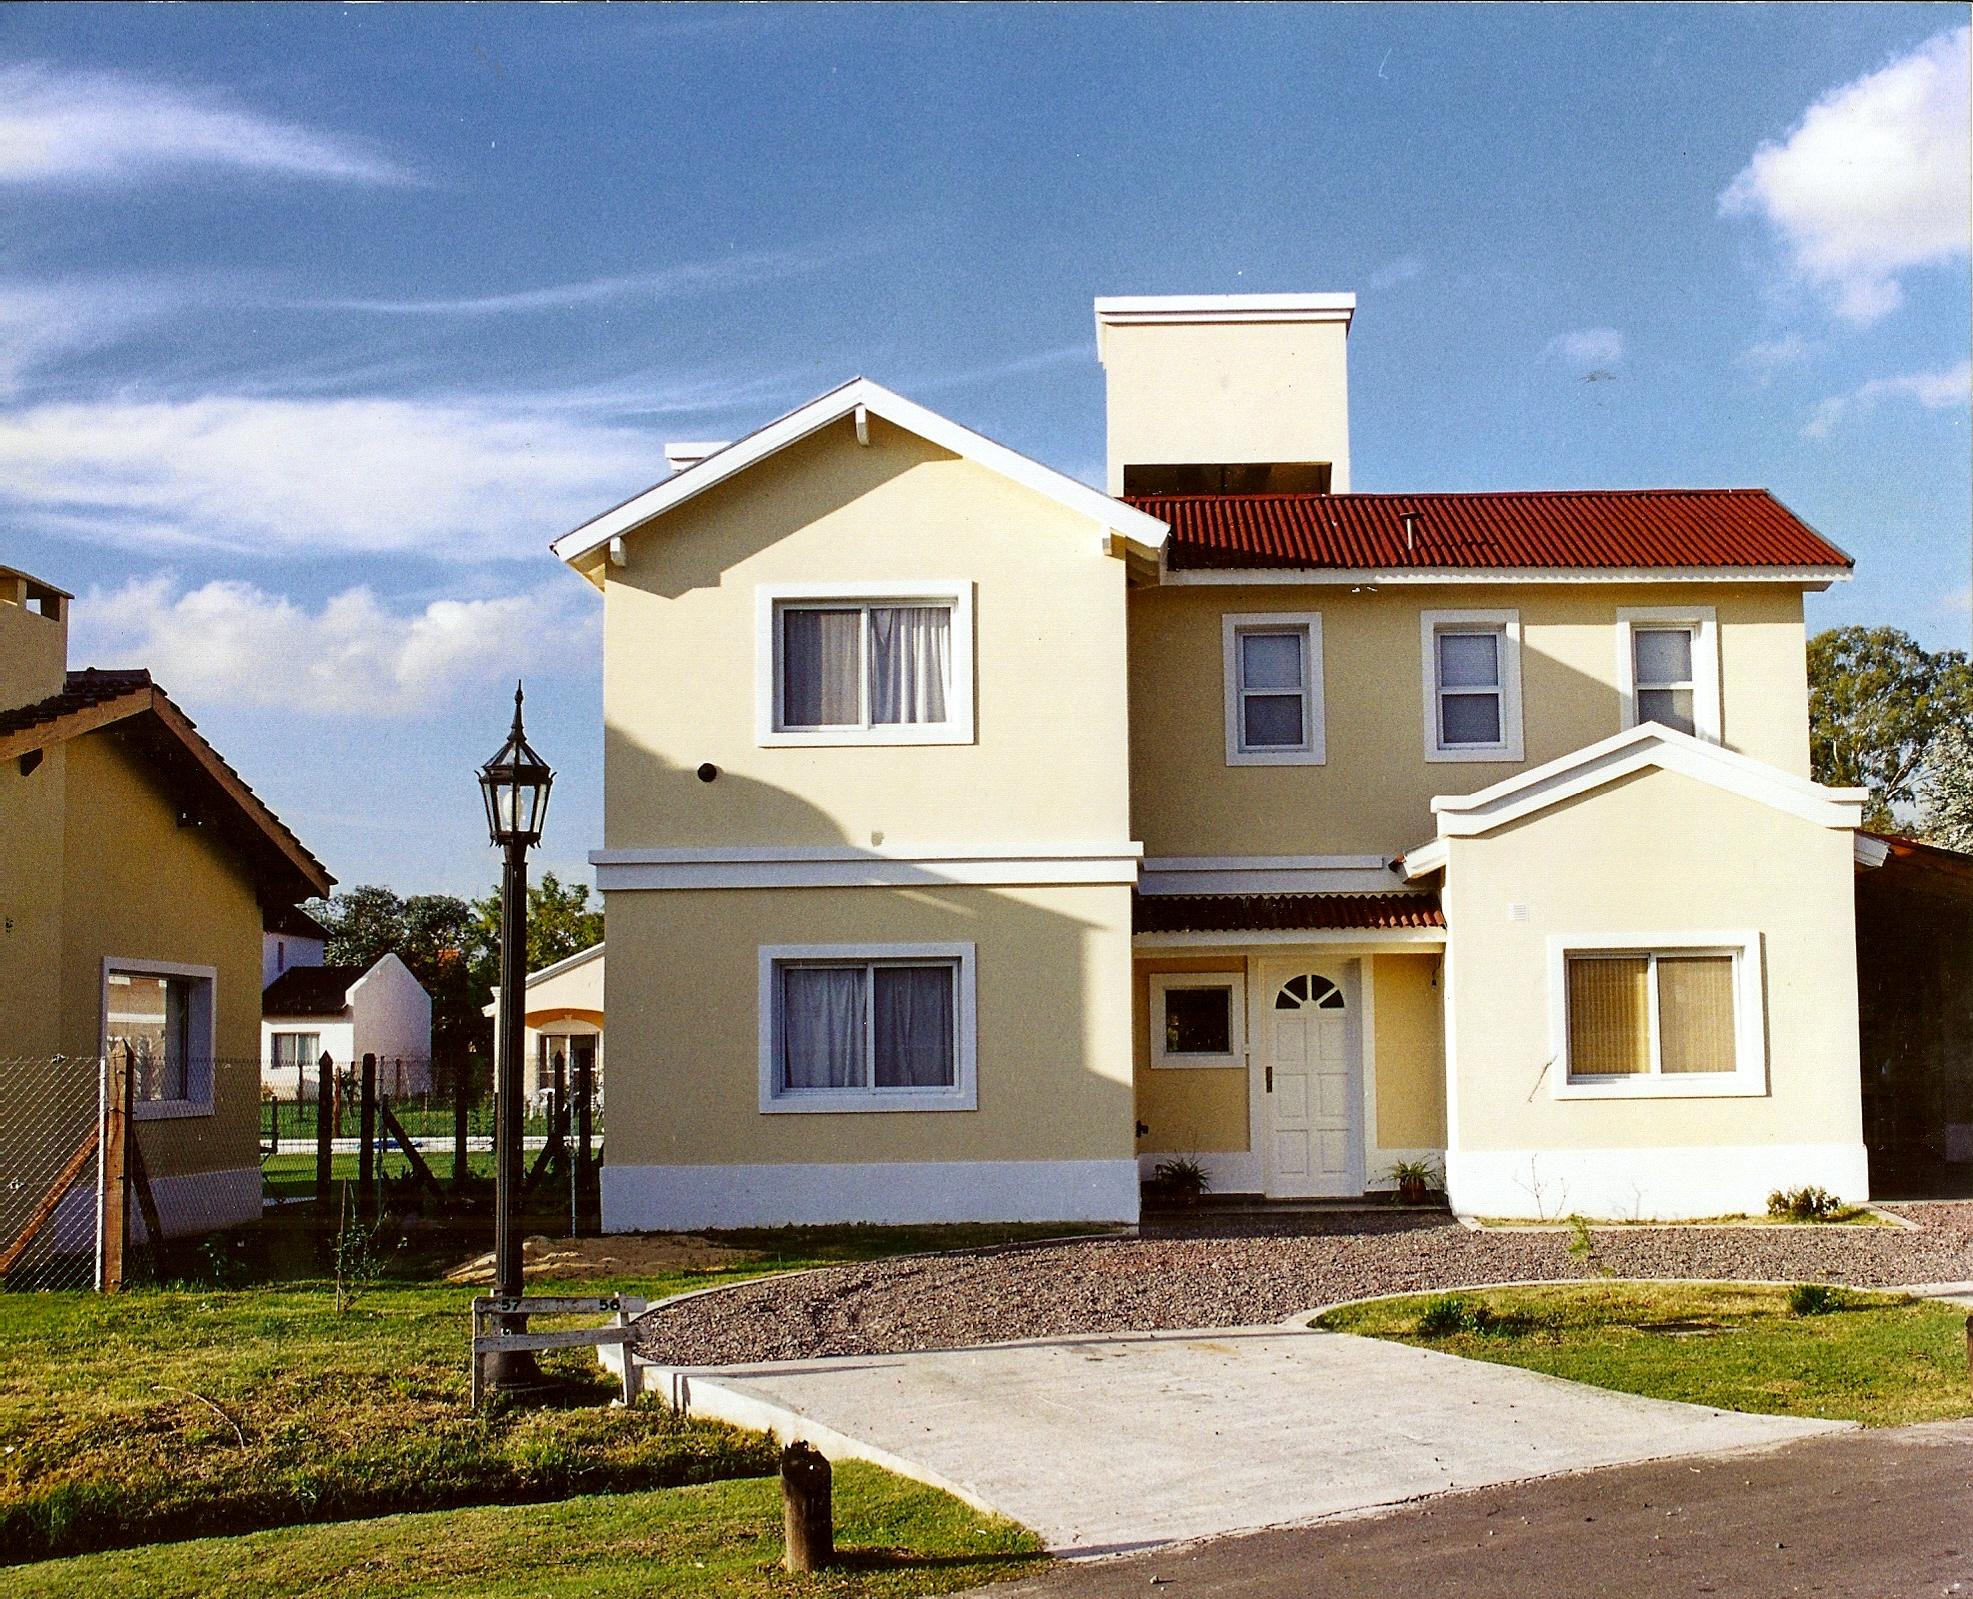 DOBILIA SA Construcciones - Casa Lote 48 - La Casualidad